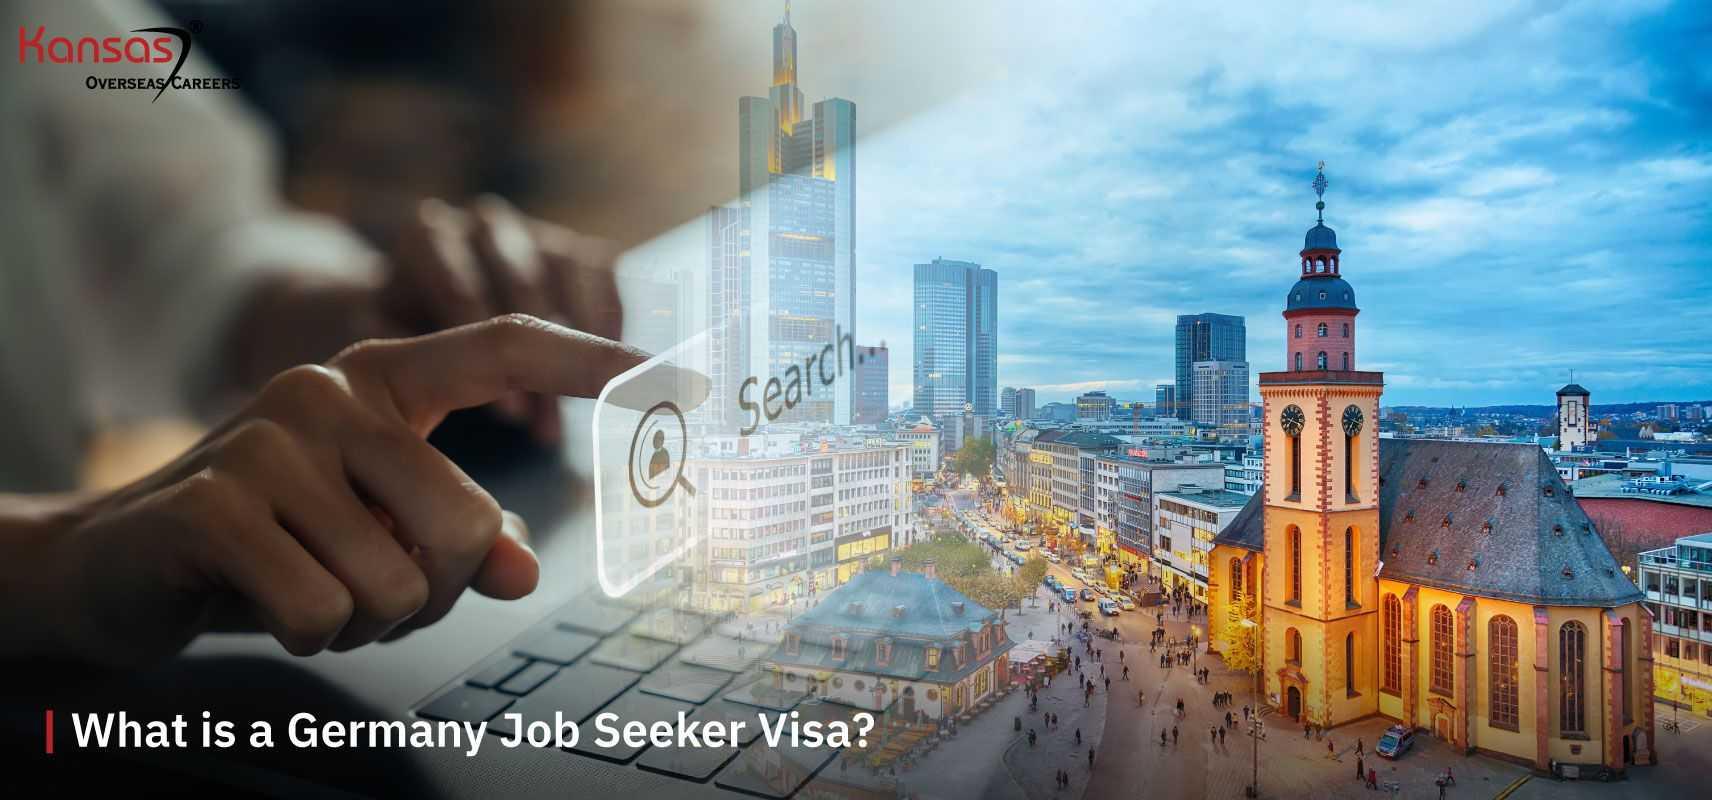 What-is-a-Germany-Job-Seeker-Visa-